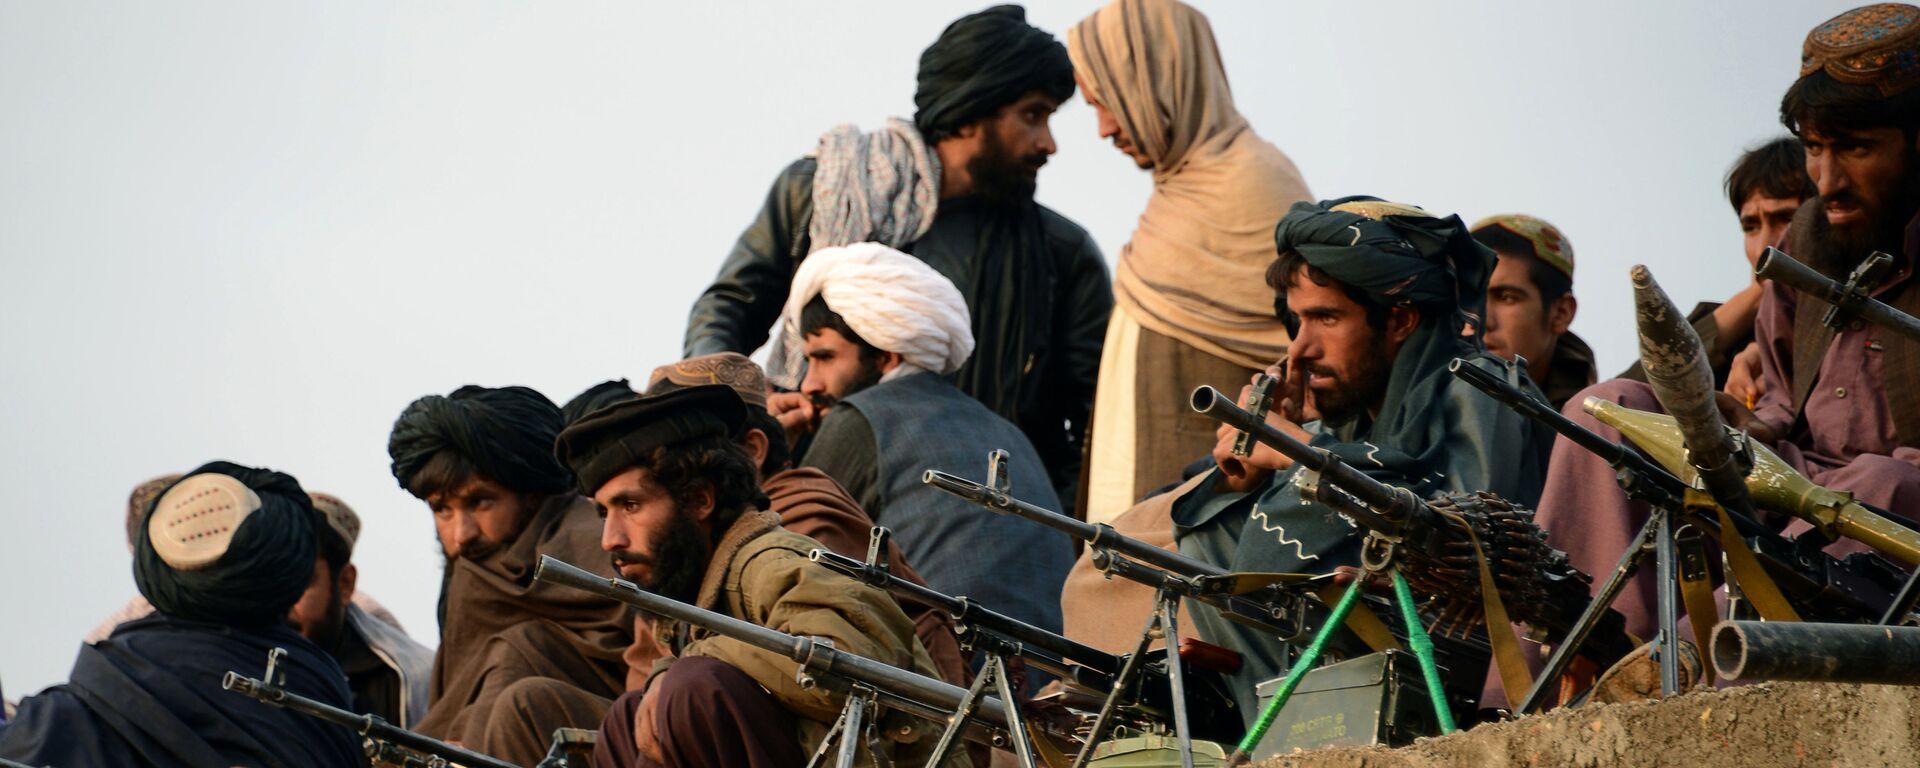 Combatientes de Talibán en Afganistán (archivo) - Sputnik Mundo, 1920, 26.03.2021